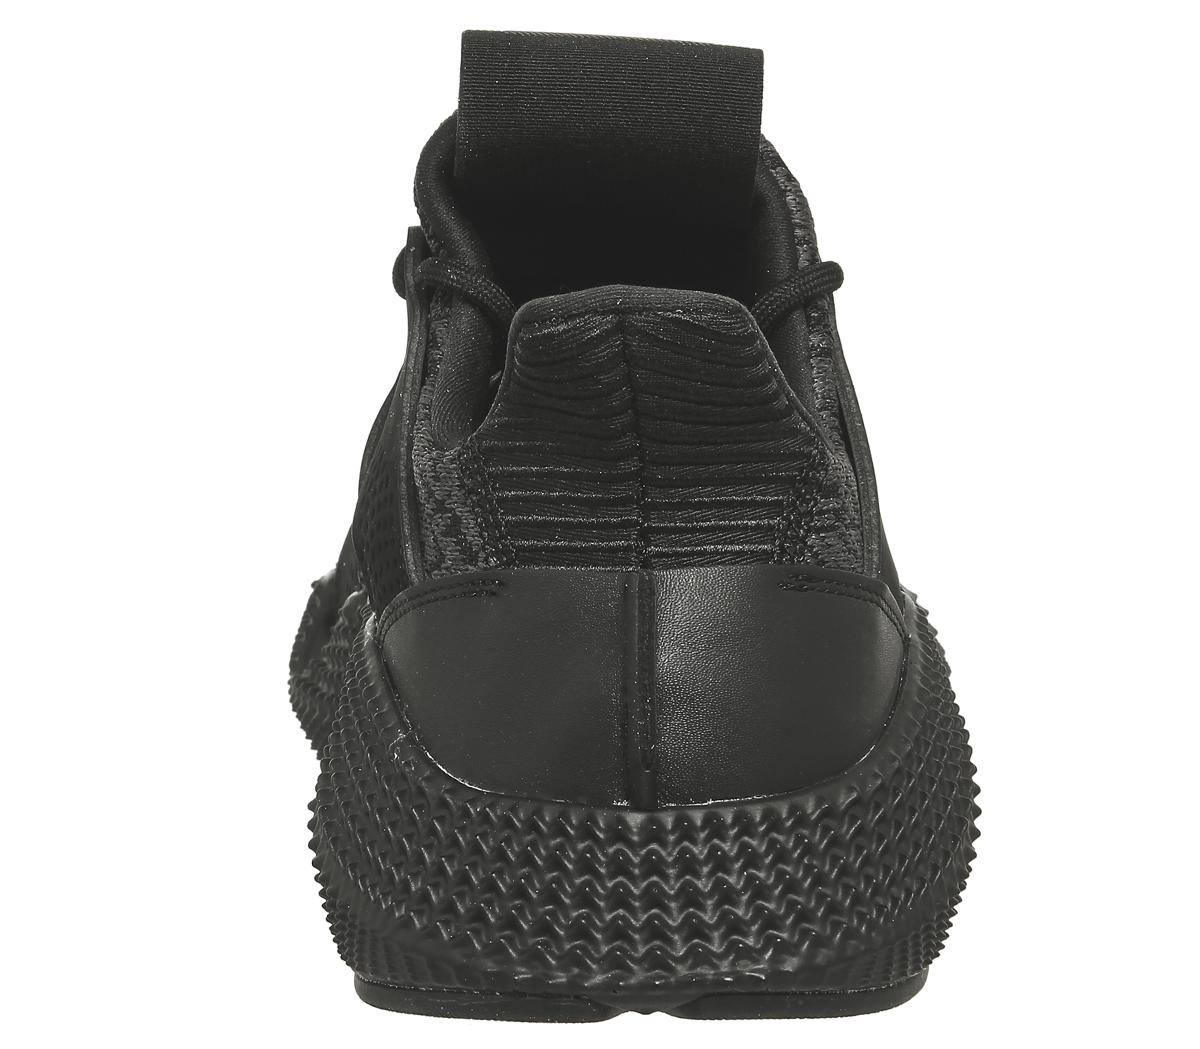 Adidas-Prophere-Zapatillas-Core-Negro-Zapatillas-Deportivas